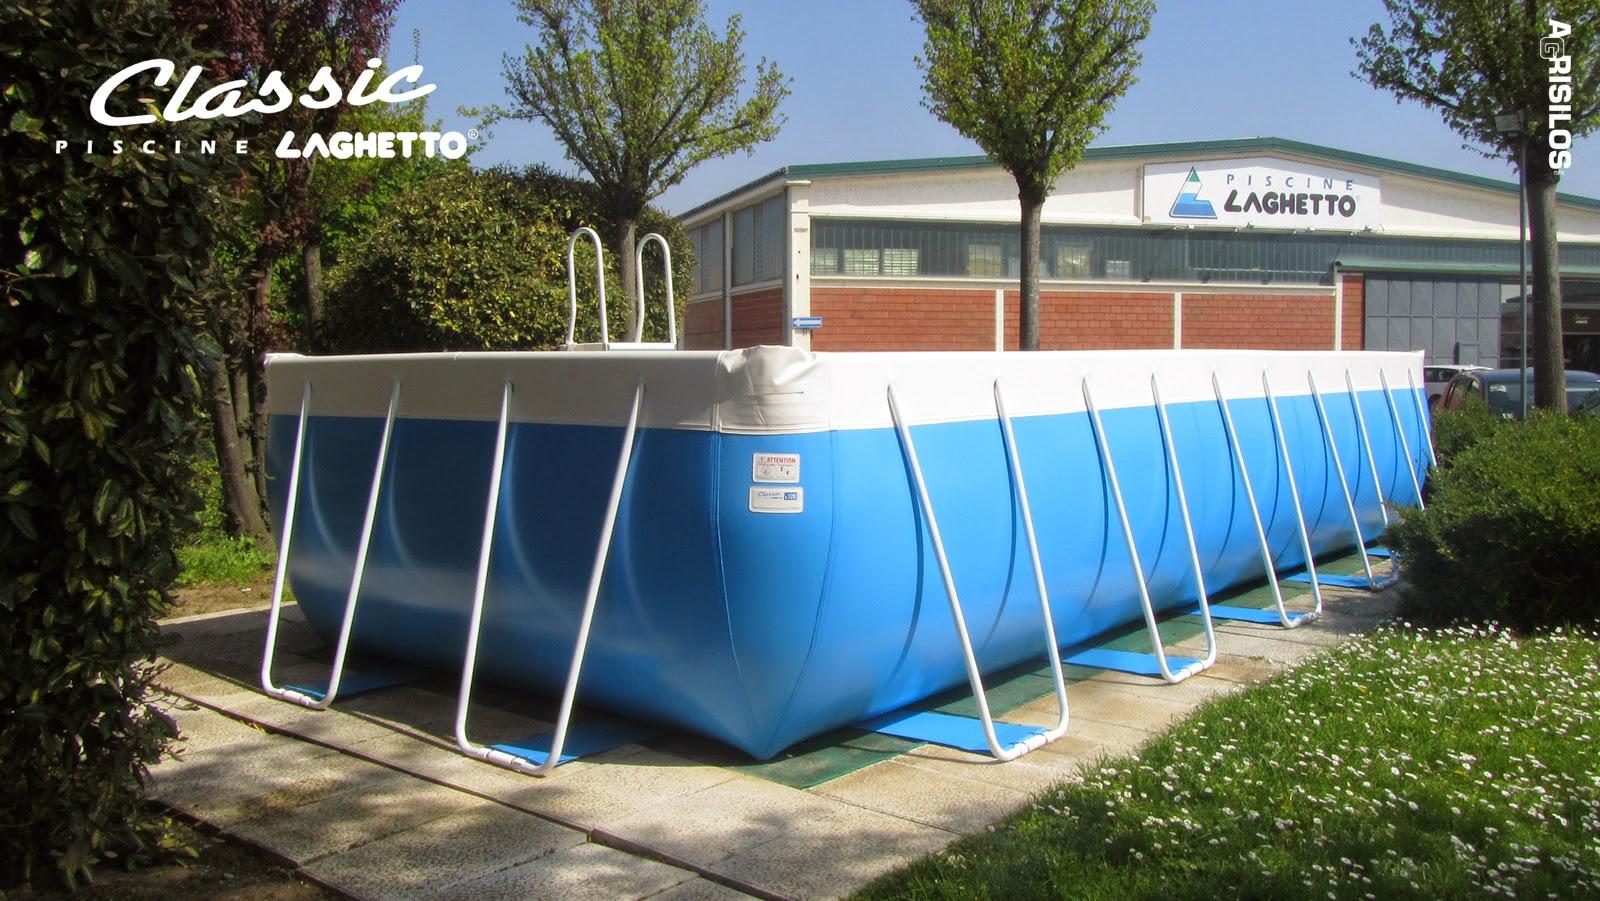 Promozione classic sino a fine maggio piscine laghetto for Pulizia fondo laghetto